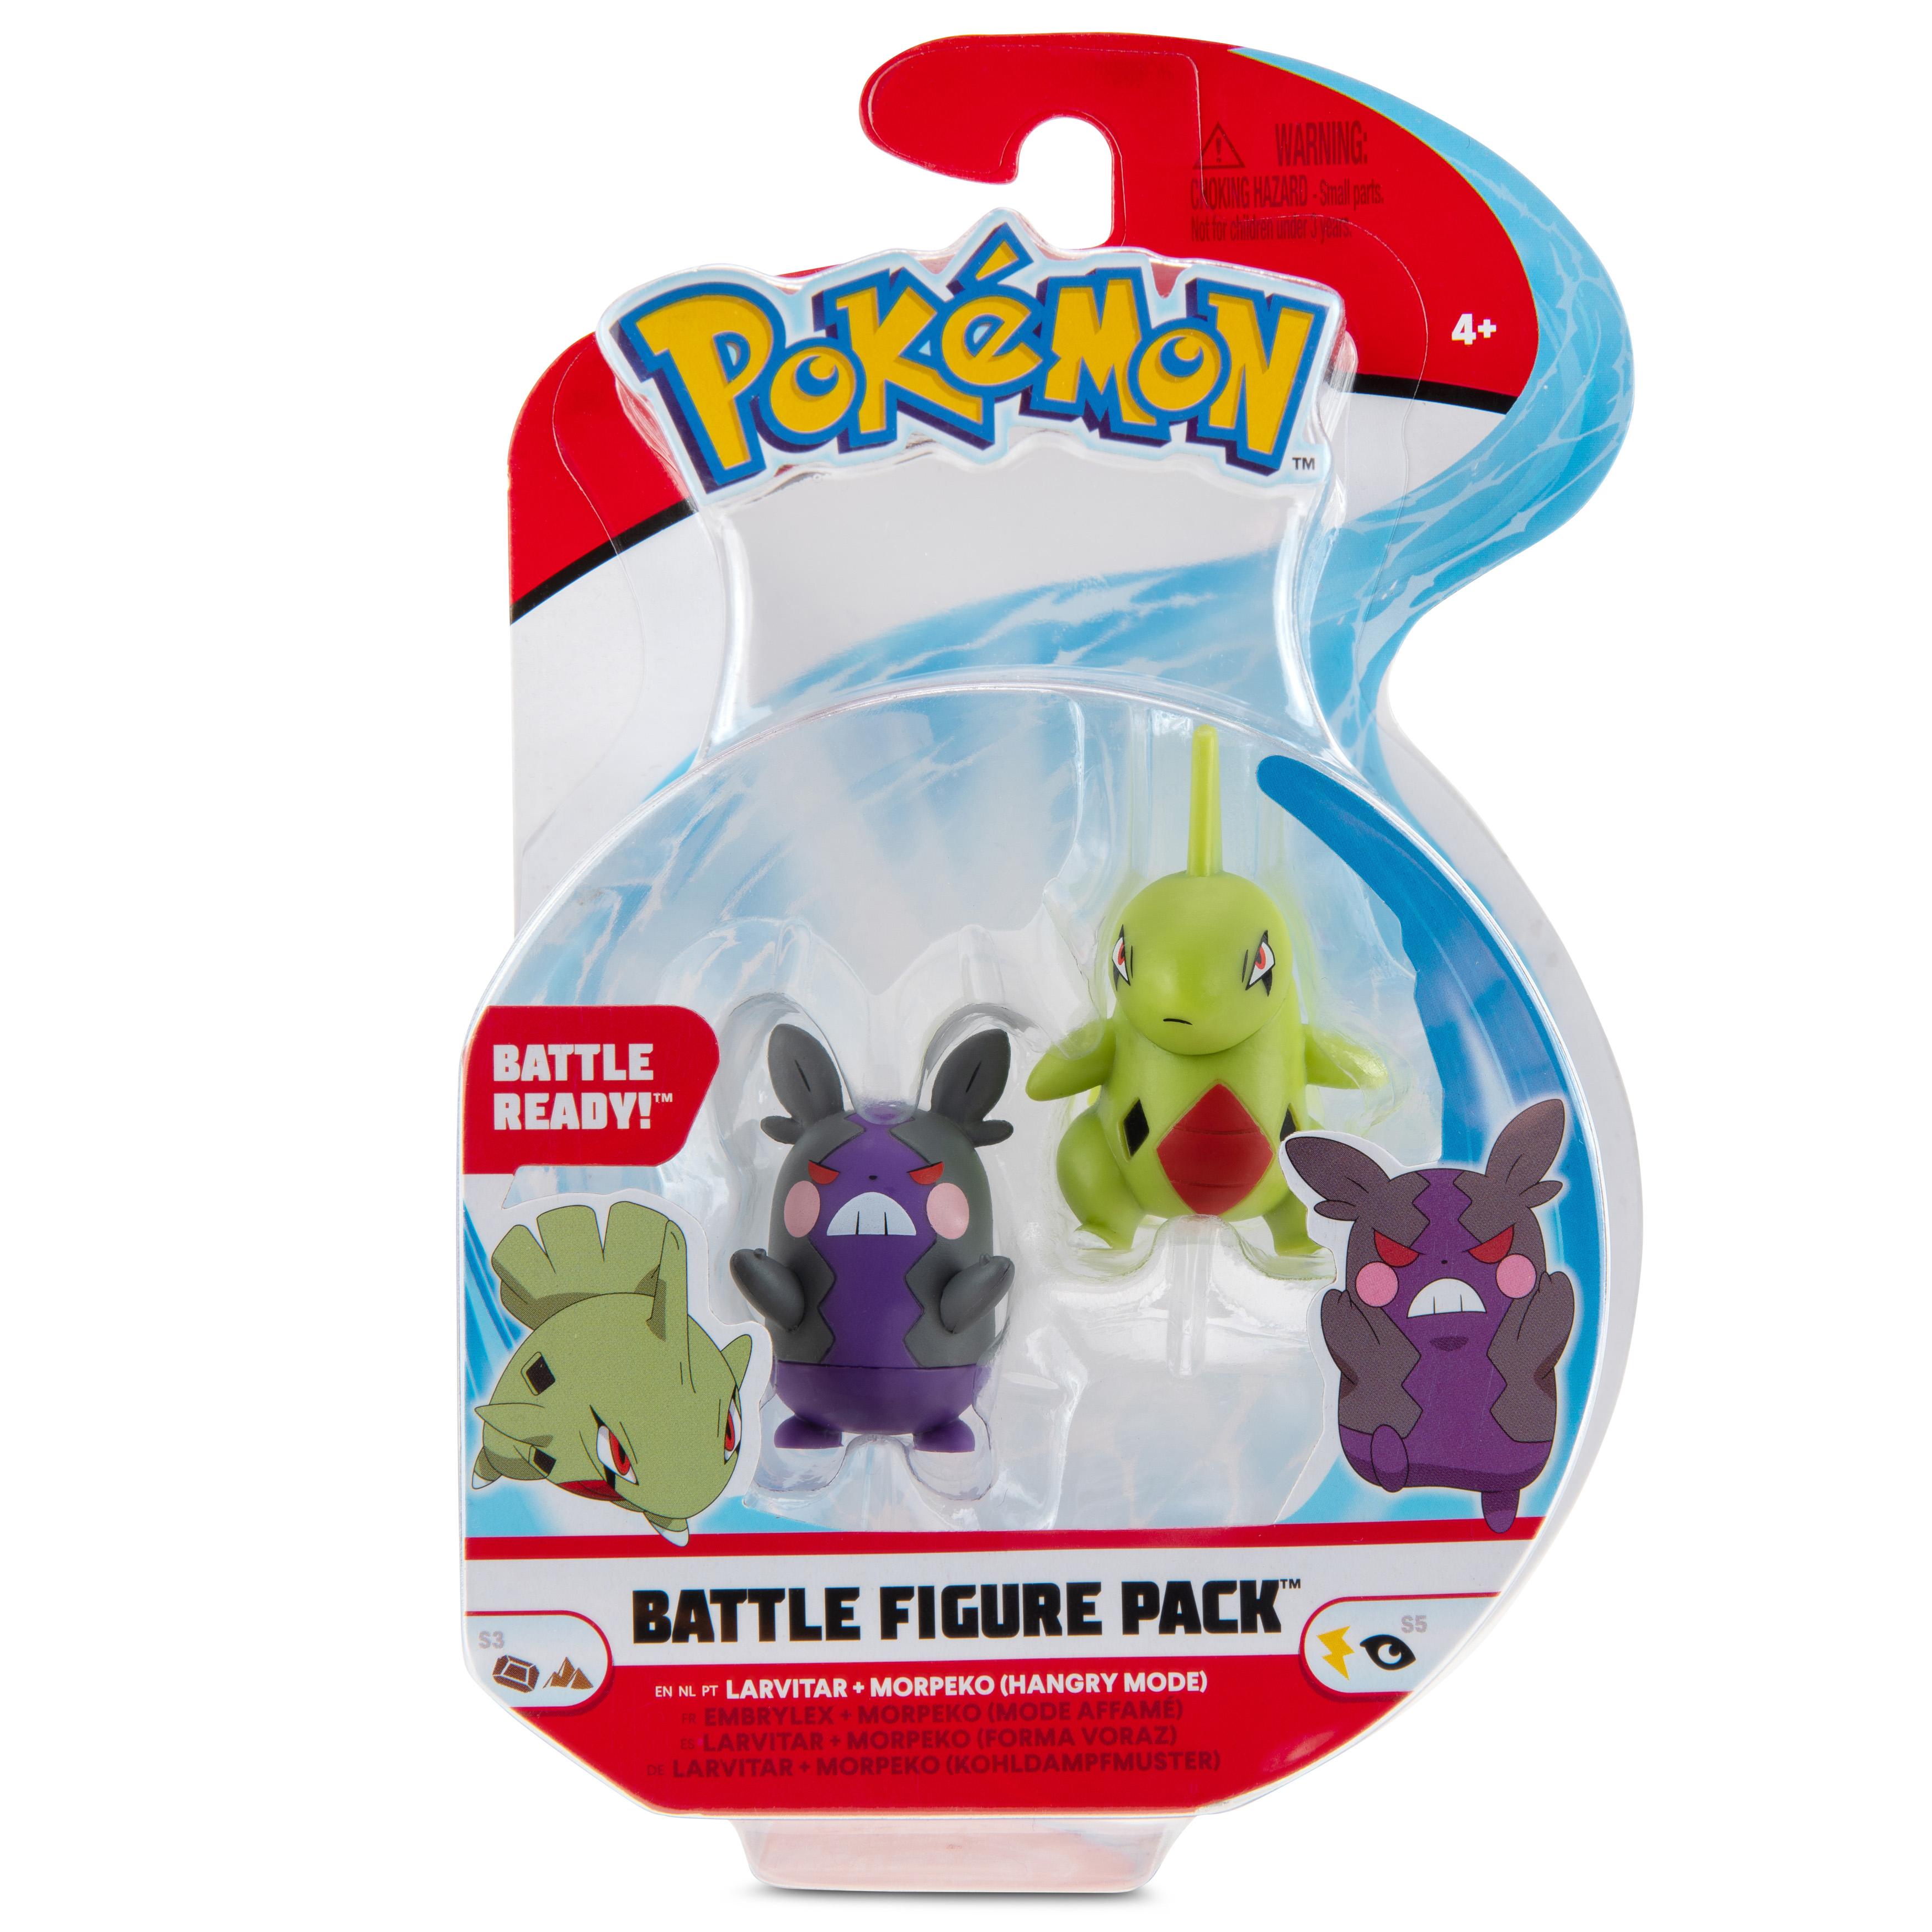 Pokémon - Battle Figure Pack - Larvitar & Morpeko